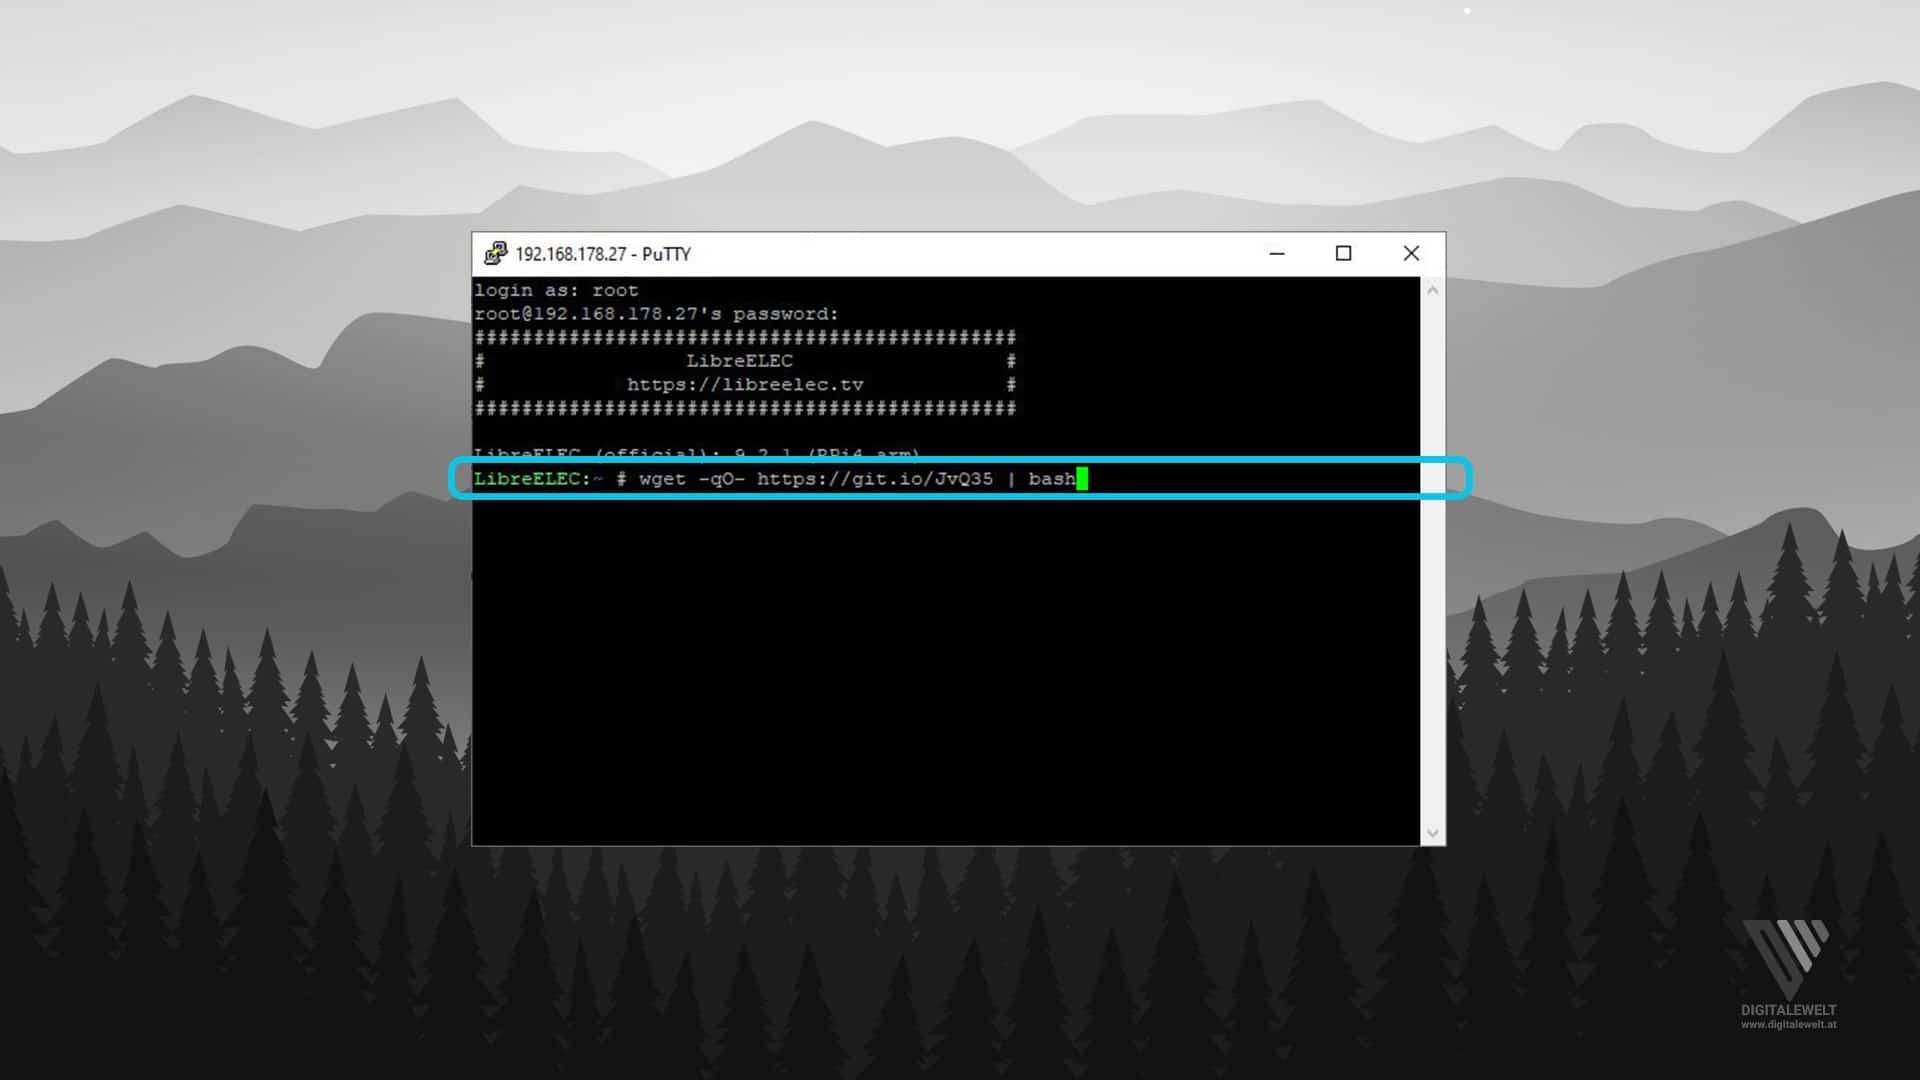 Hyperion.ng installieren - Befehl ausführen - digitalewelt.at